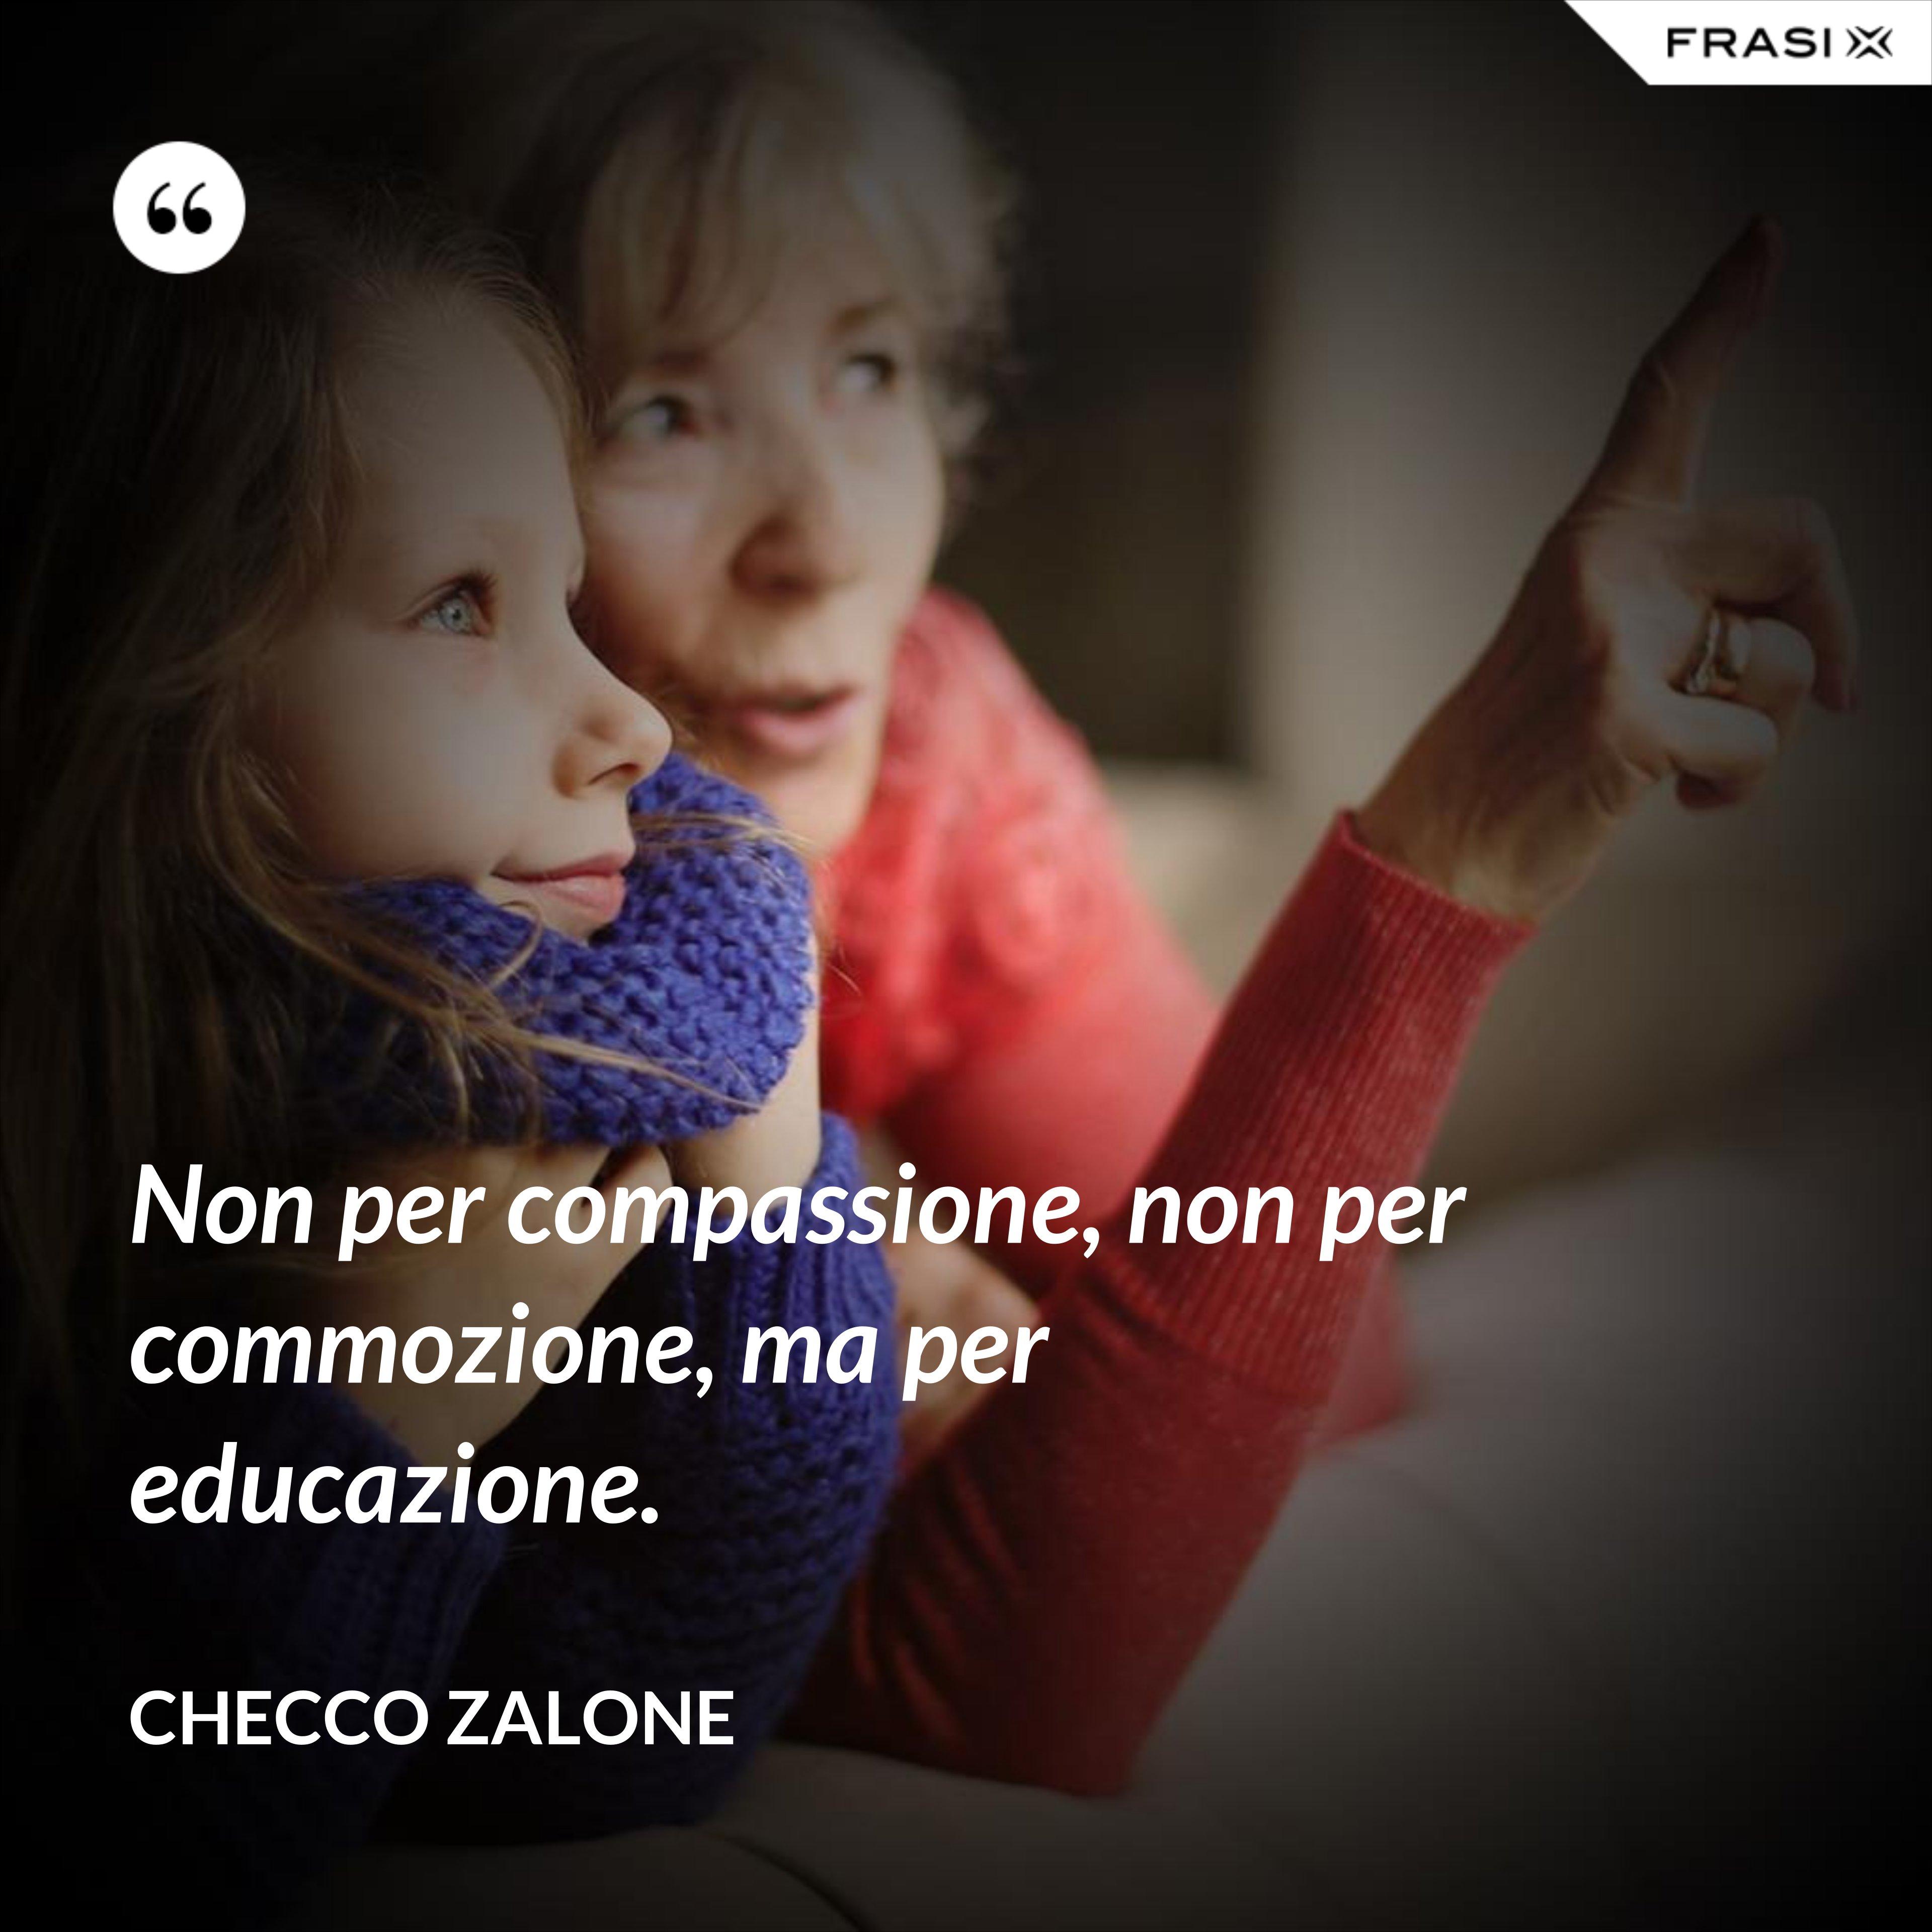 Non per compassione, non per commozione, ma per educazione. - Checco Zalone